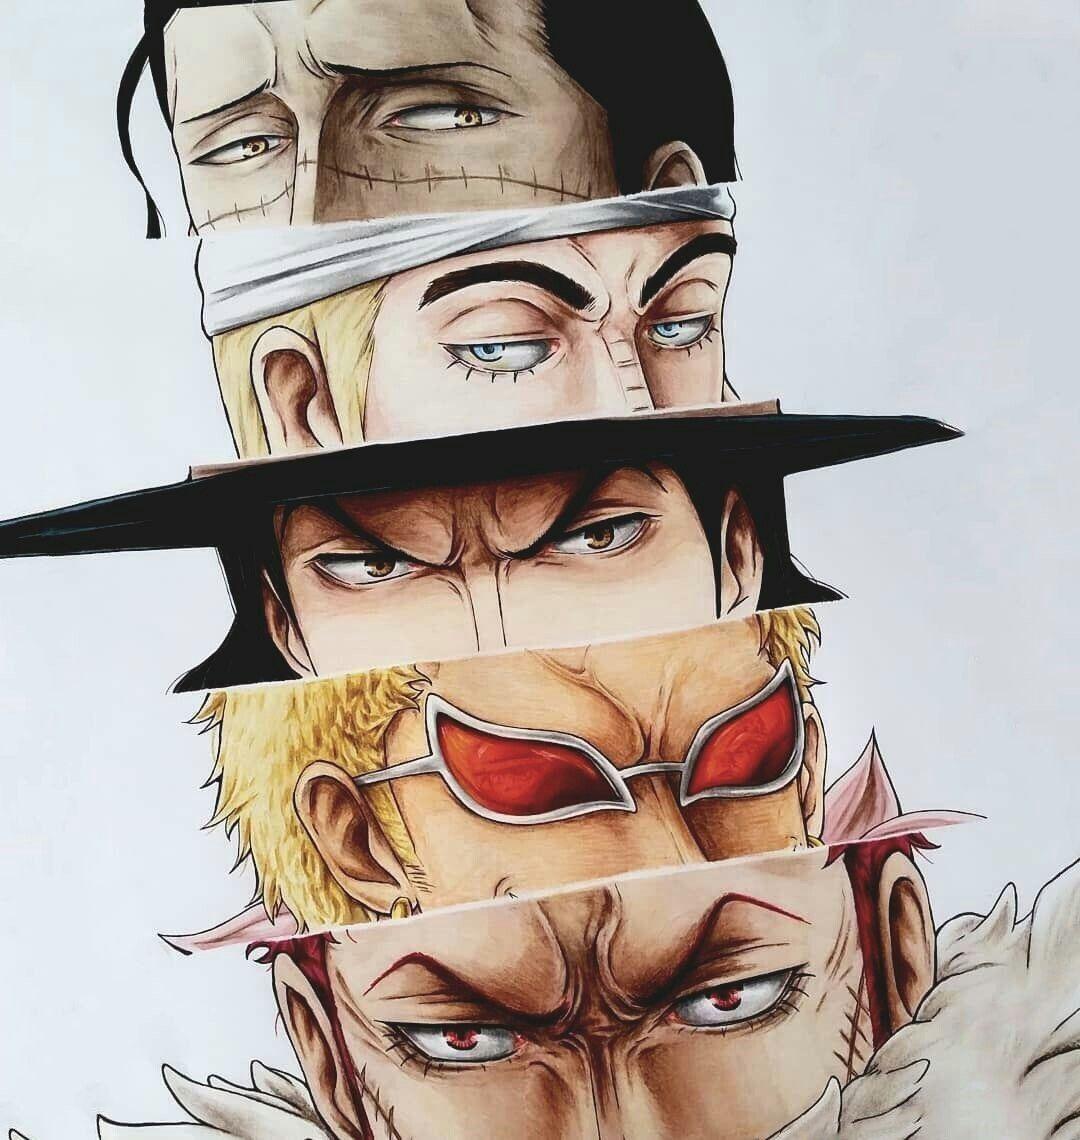 One Piece One Piece Drawing One Piece Anime One Piece Luffy